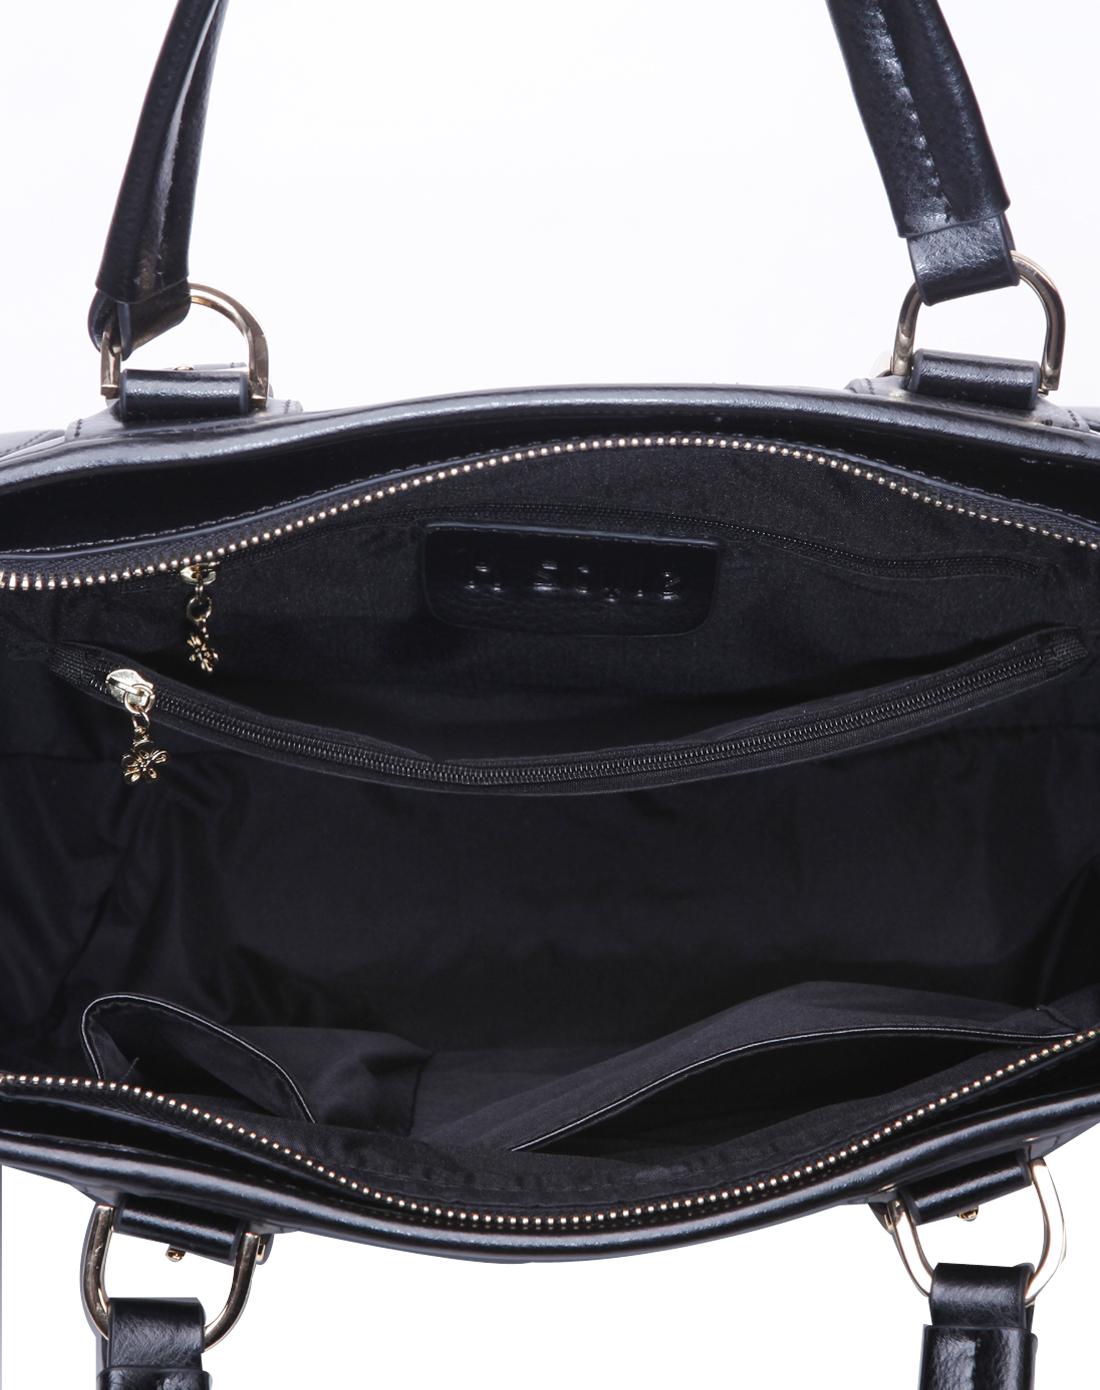 凯丝莱尔k style黑色牛皮欧美时尚拼接手拎单肩女包